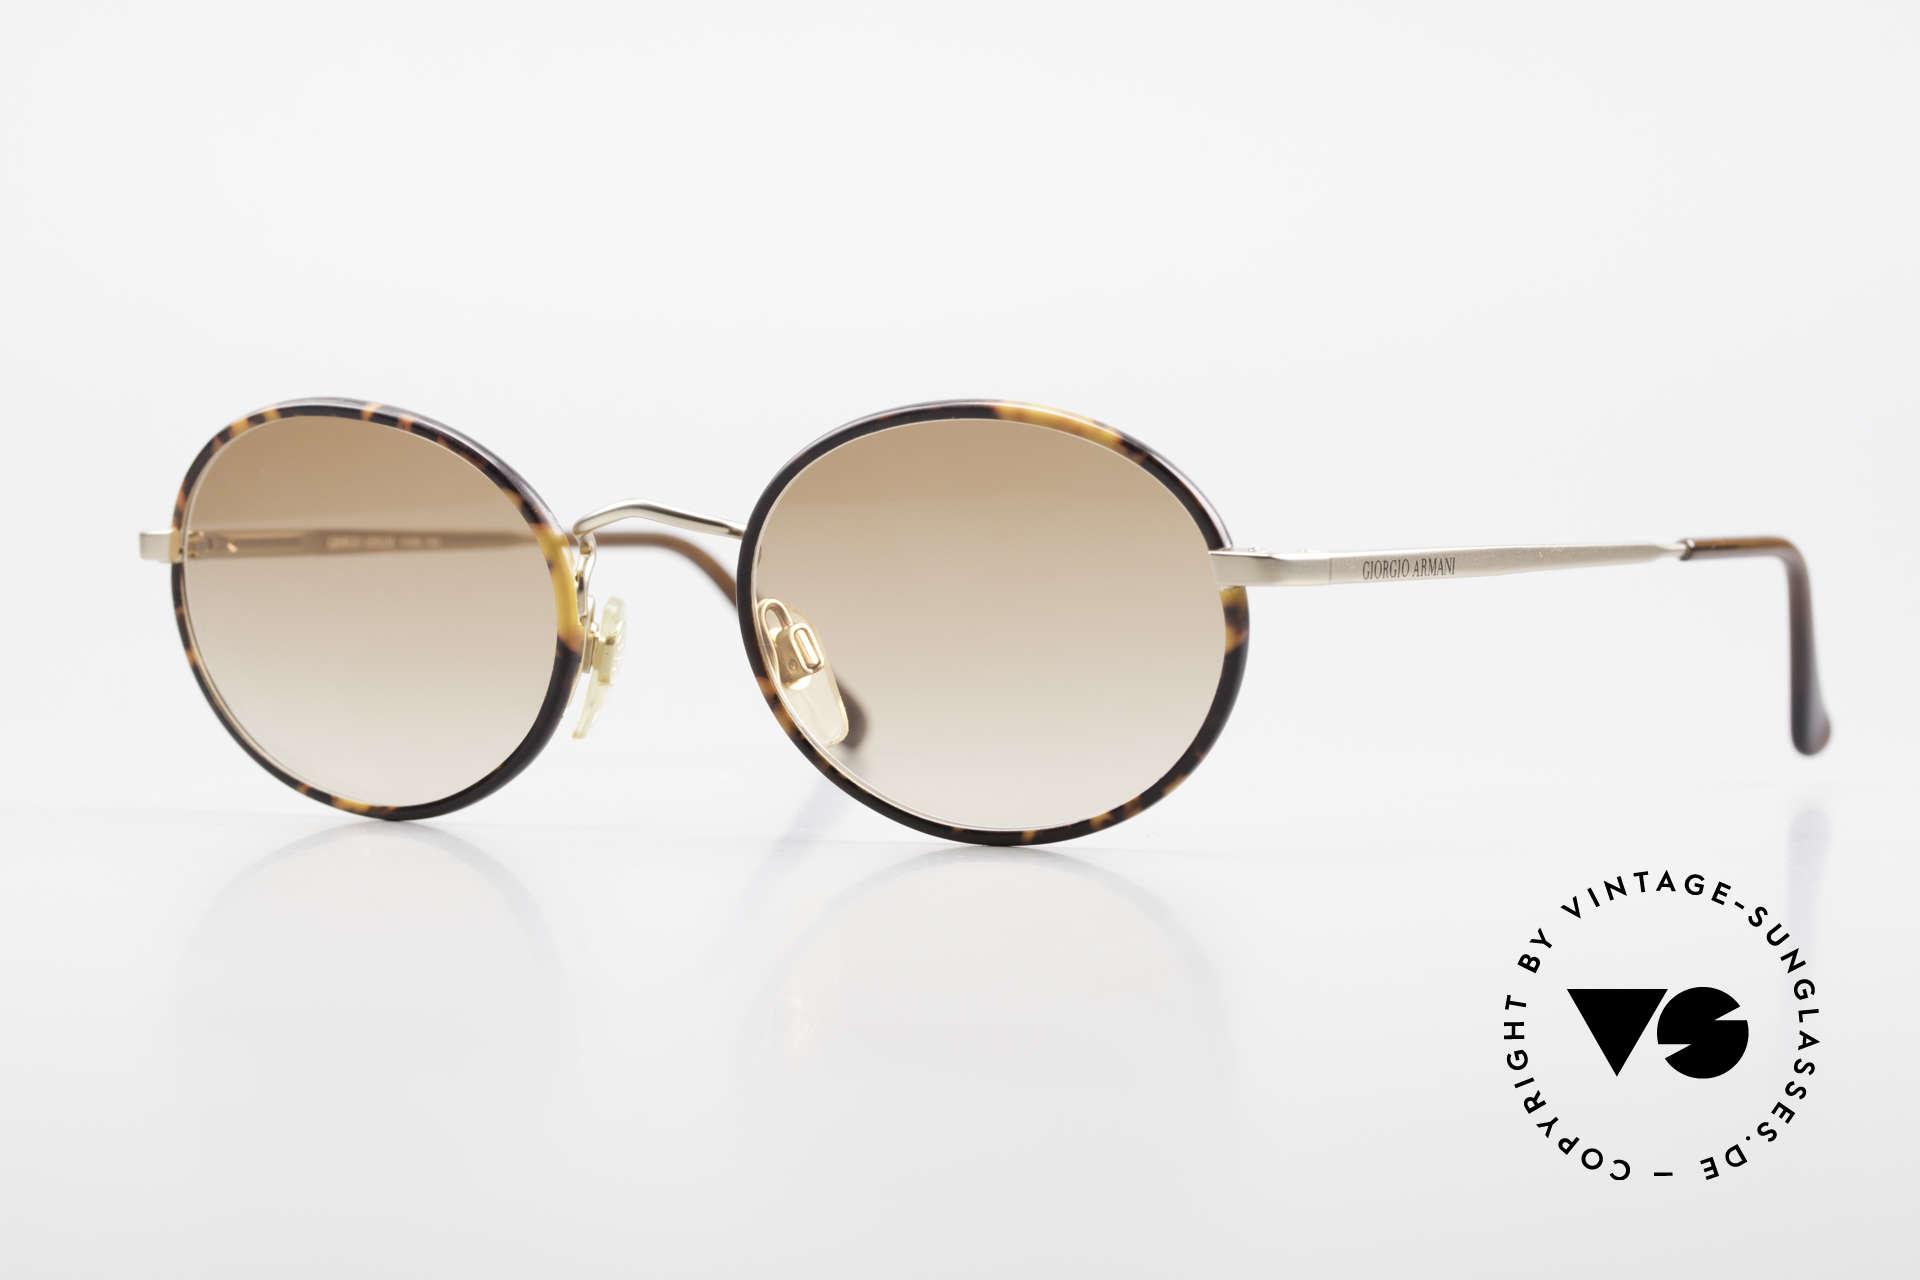 Giorgio Armani 235 Ovale Vintage Sonnenbrille, ovale vintage Giorgio Armani Sonnenbrille der 1980er, Passend für Herren und Damen